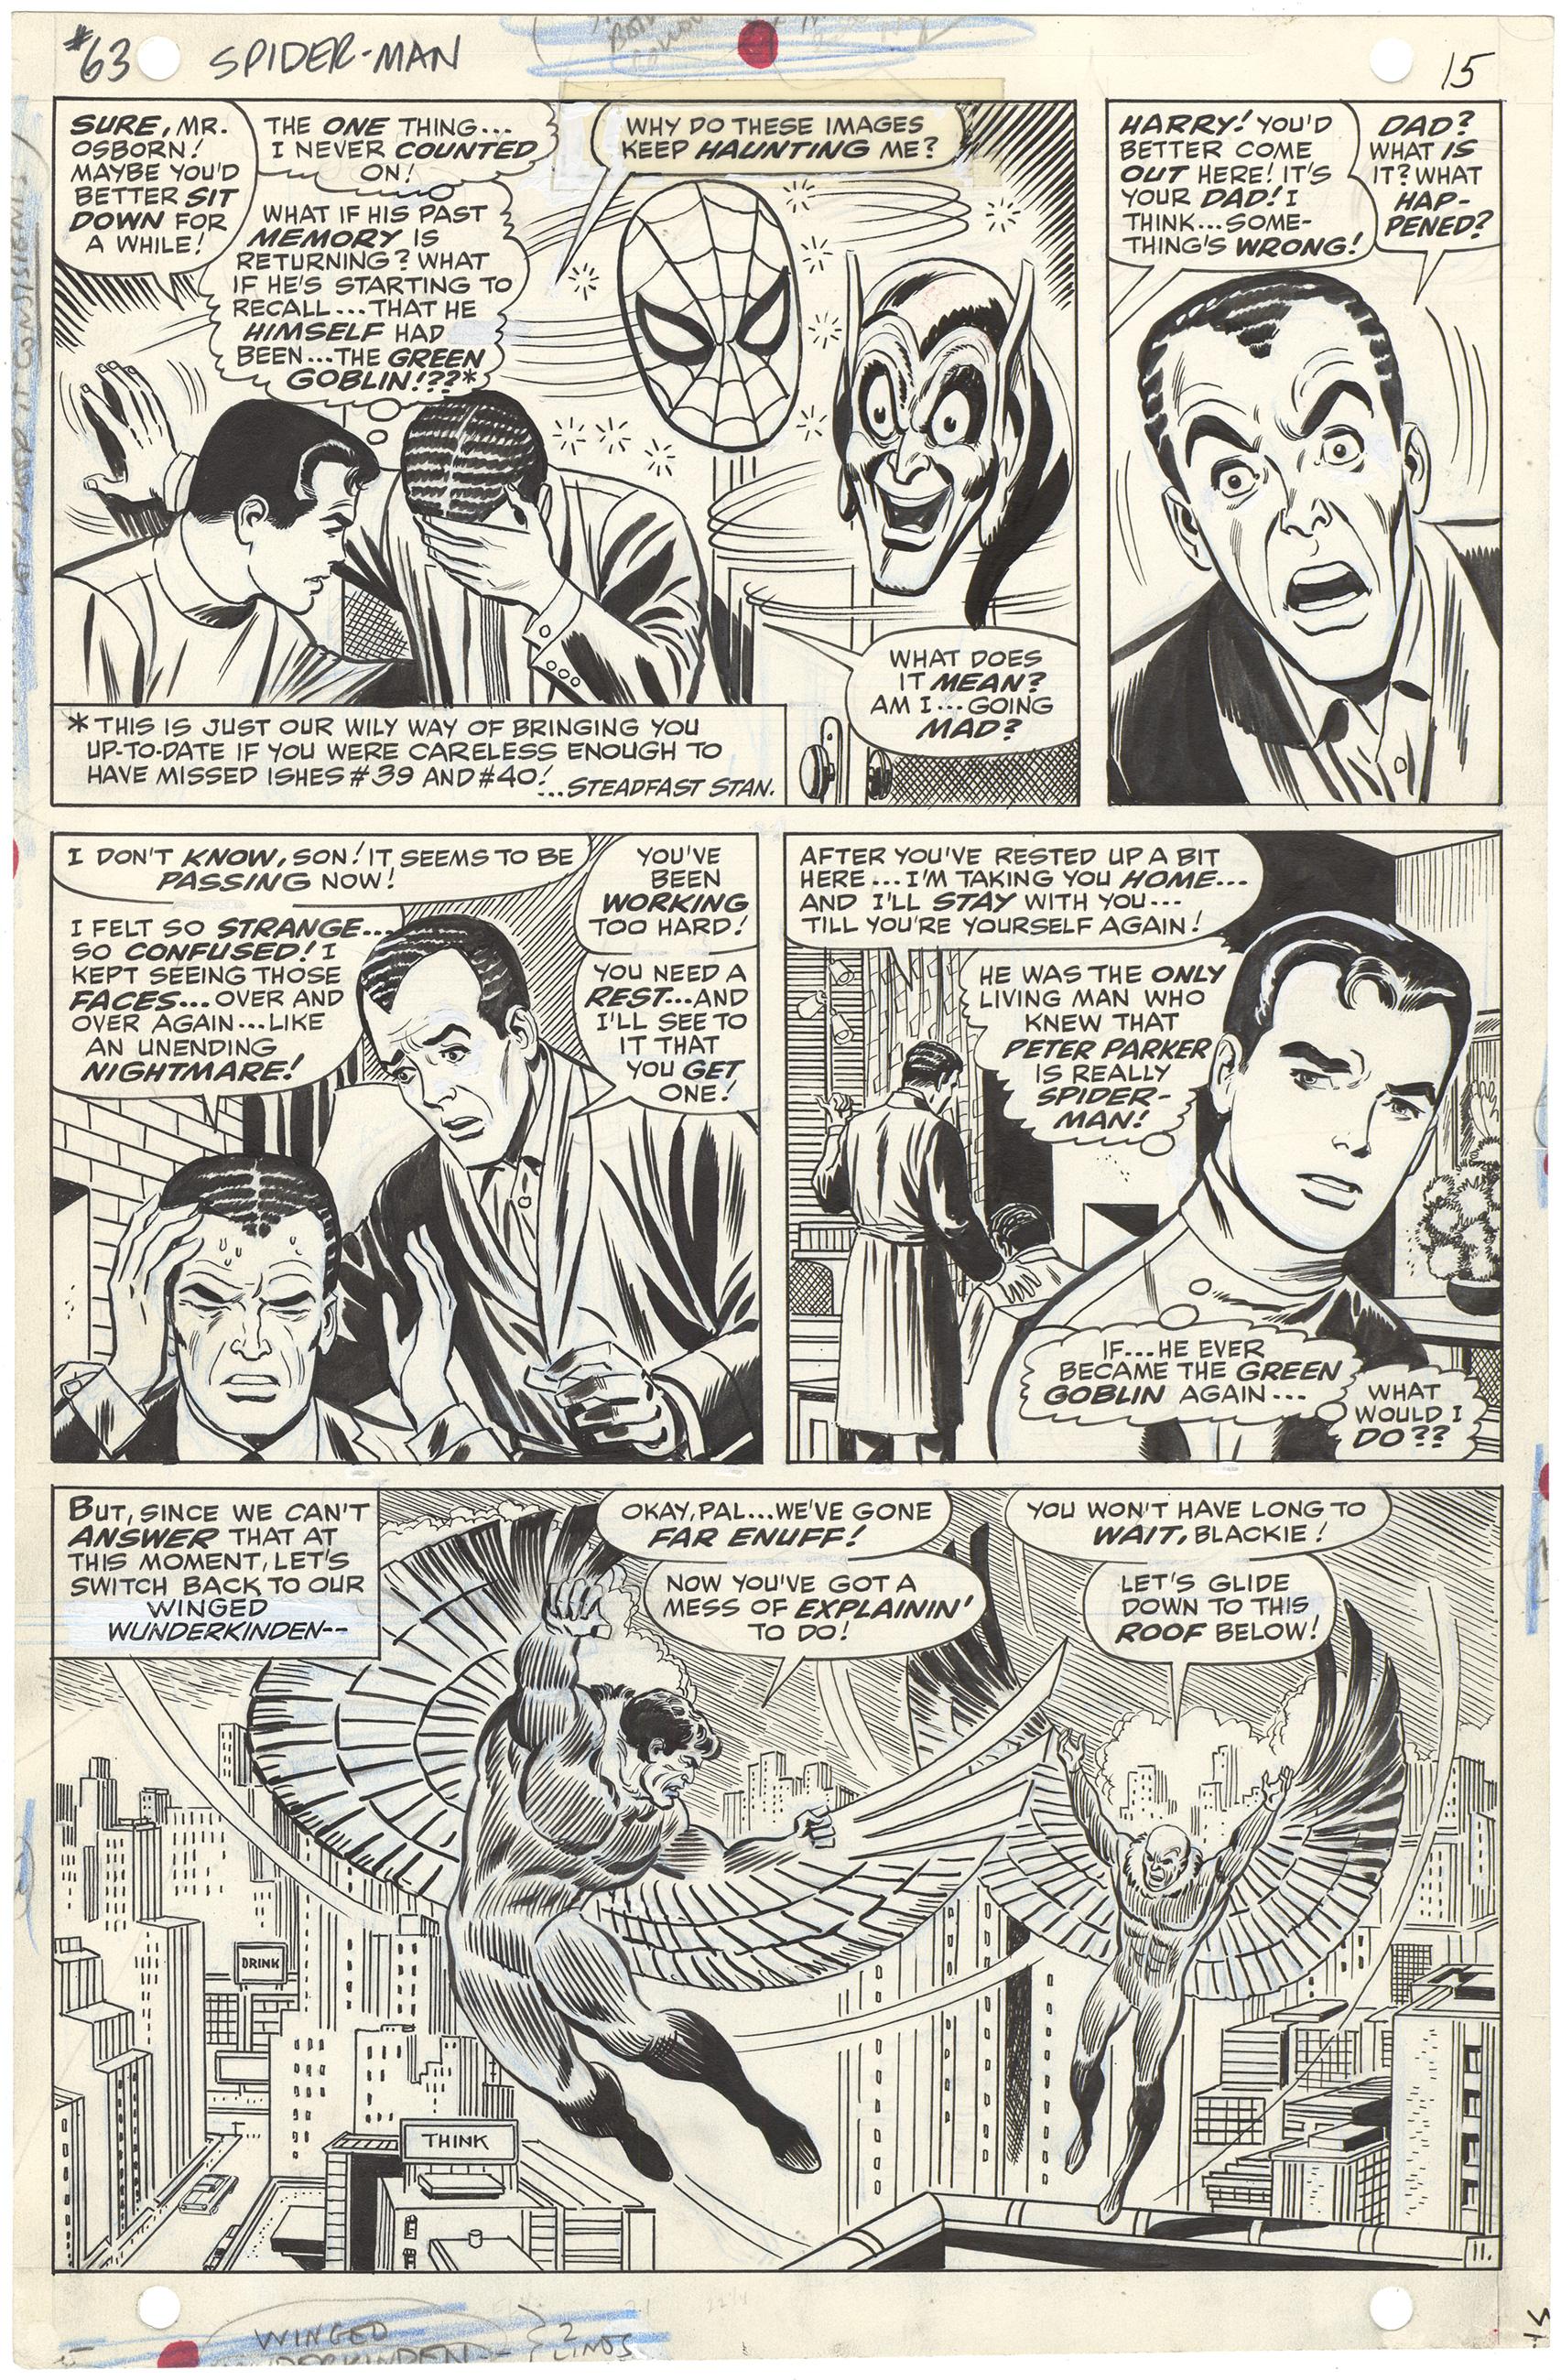 Amazing Spider-Man #63 p11